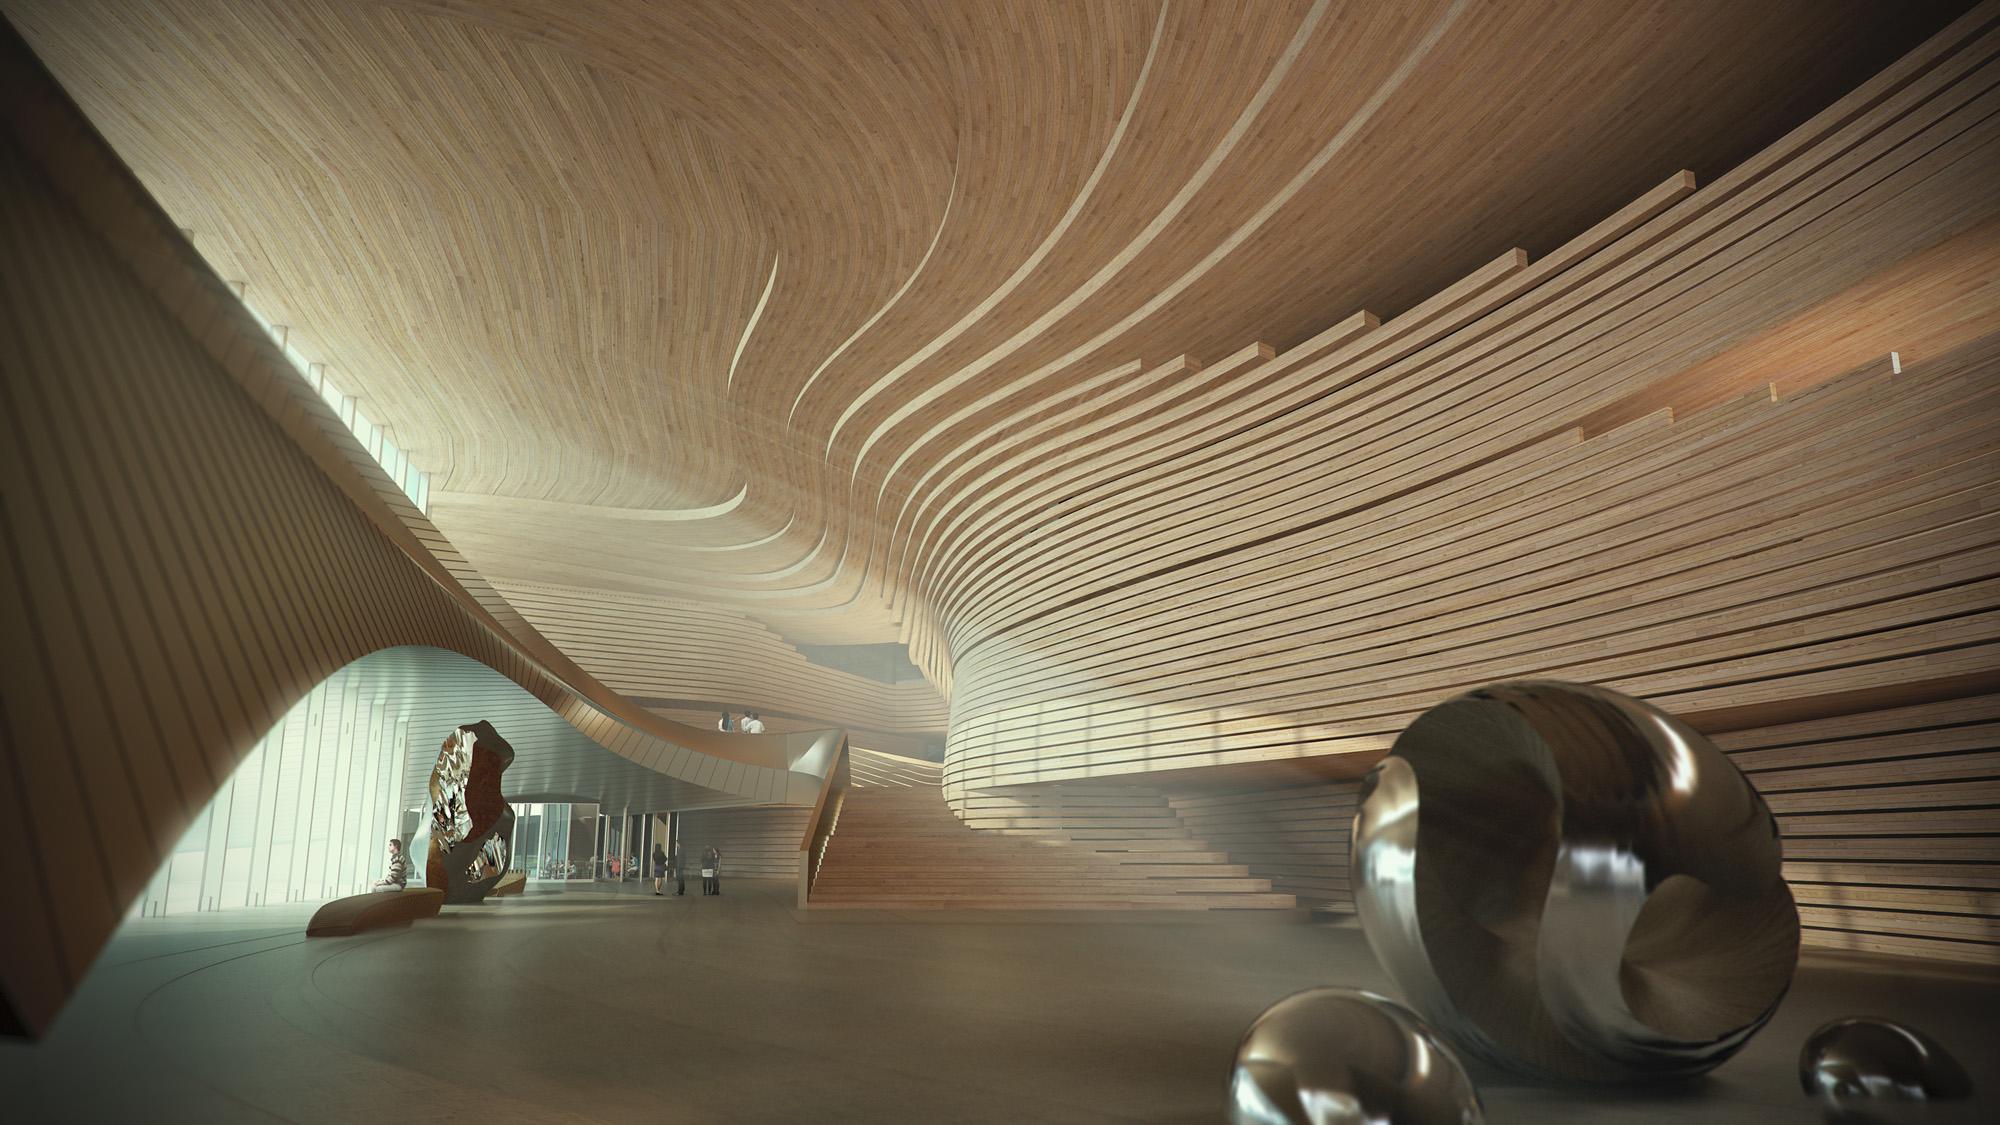 museum competition architecture zhuhai china cultural 10design archello architizer